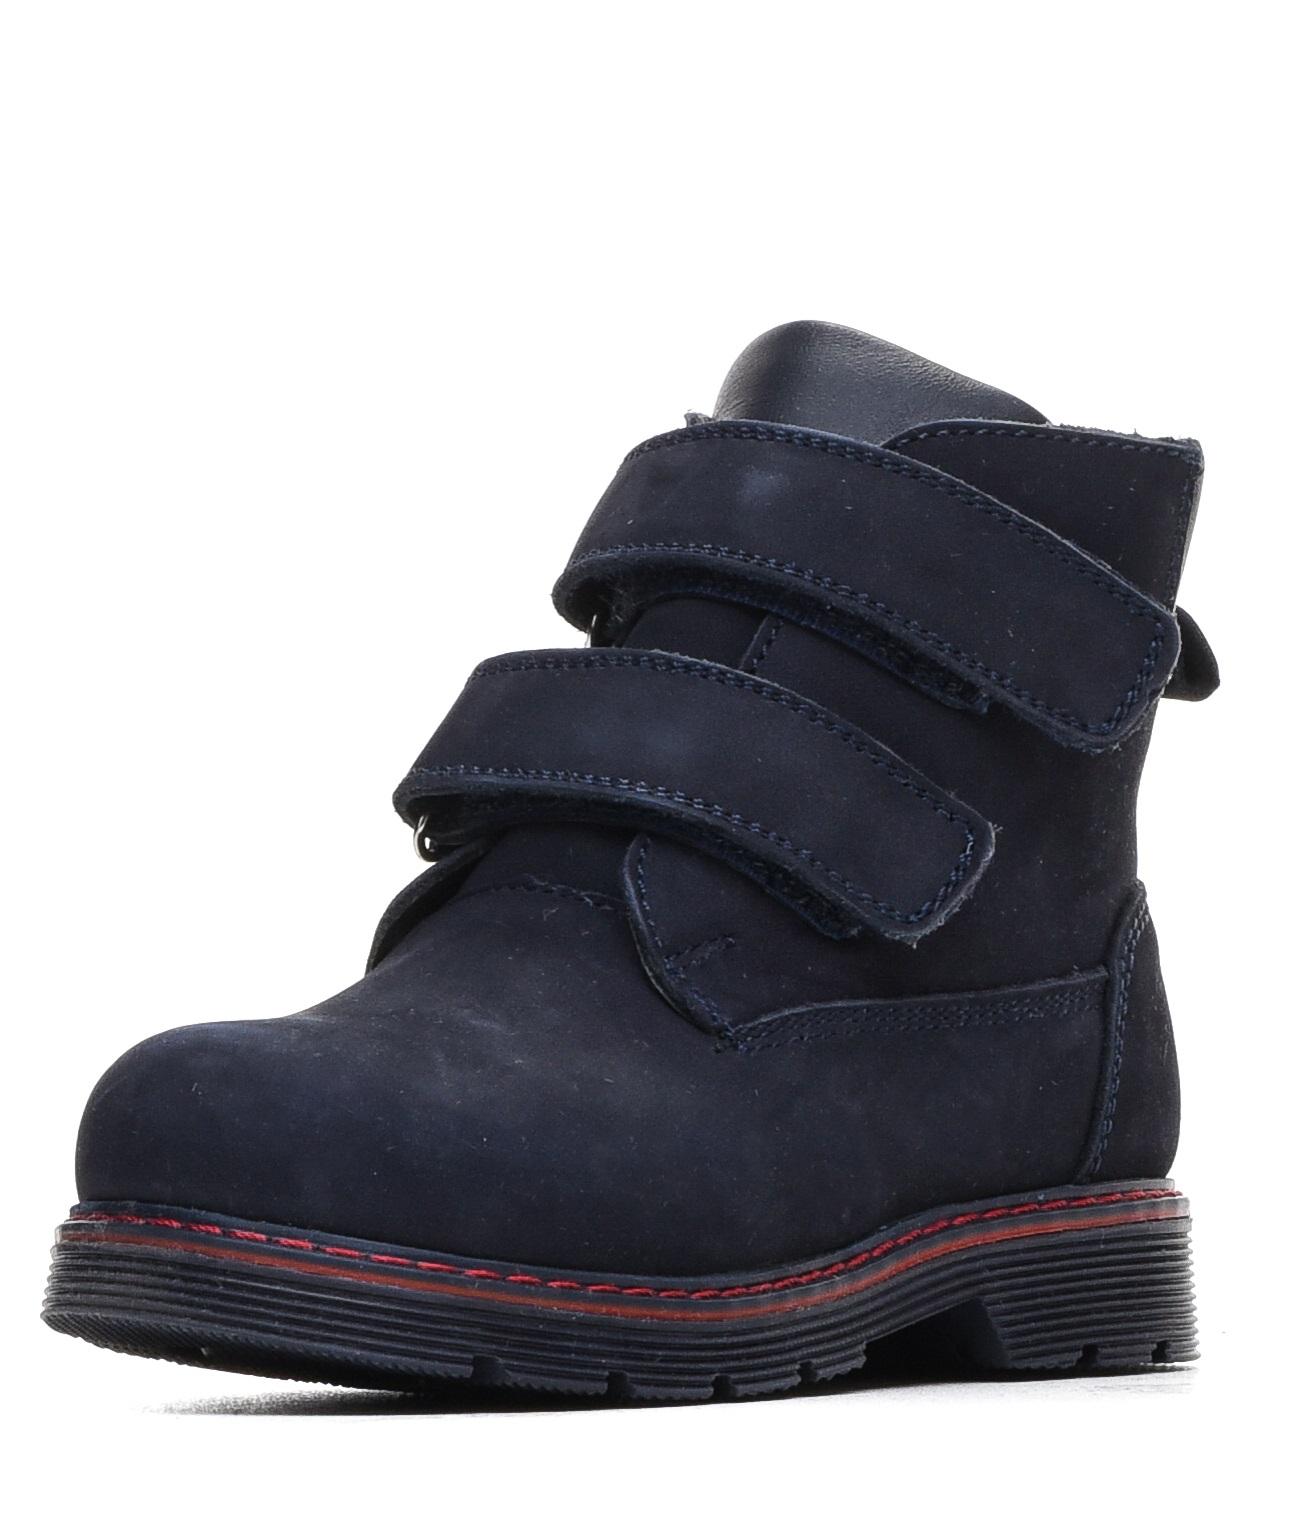 Купить 579-91BO-008NN, Ботинки для мальчиков ZENDEN, цв. синий, р-р 27,